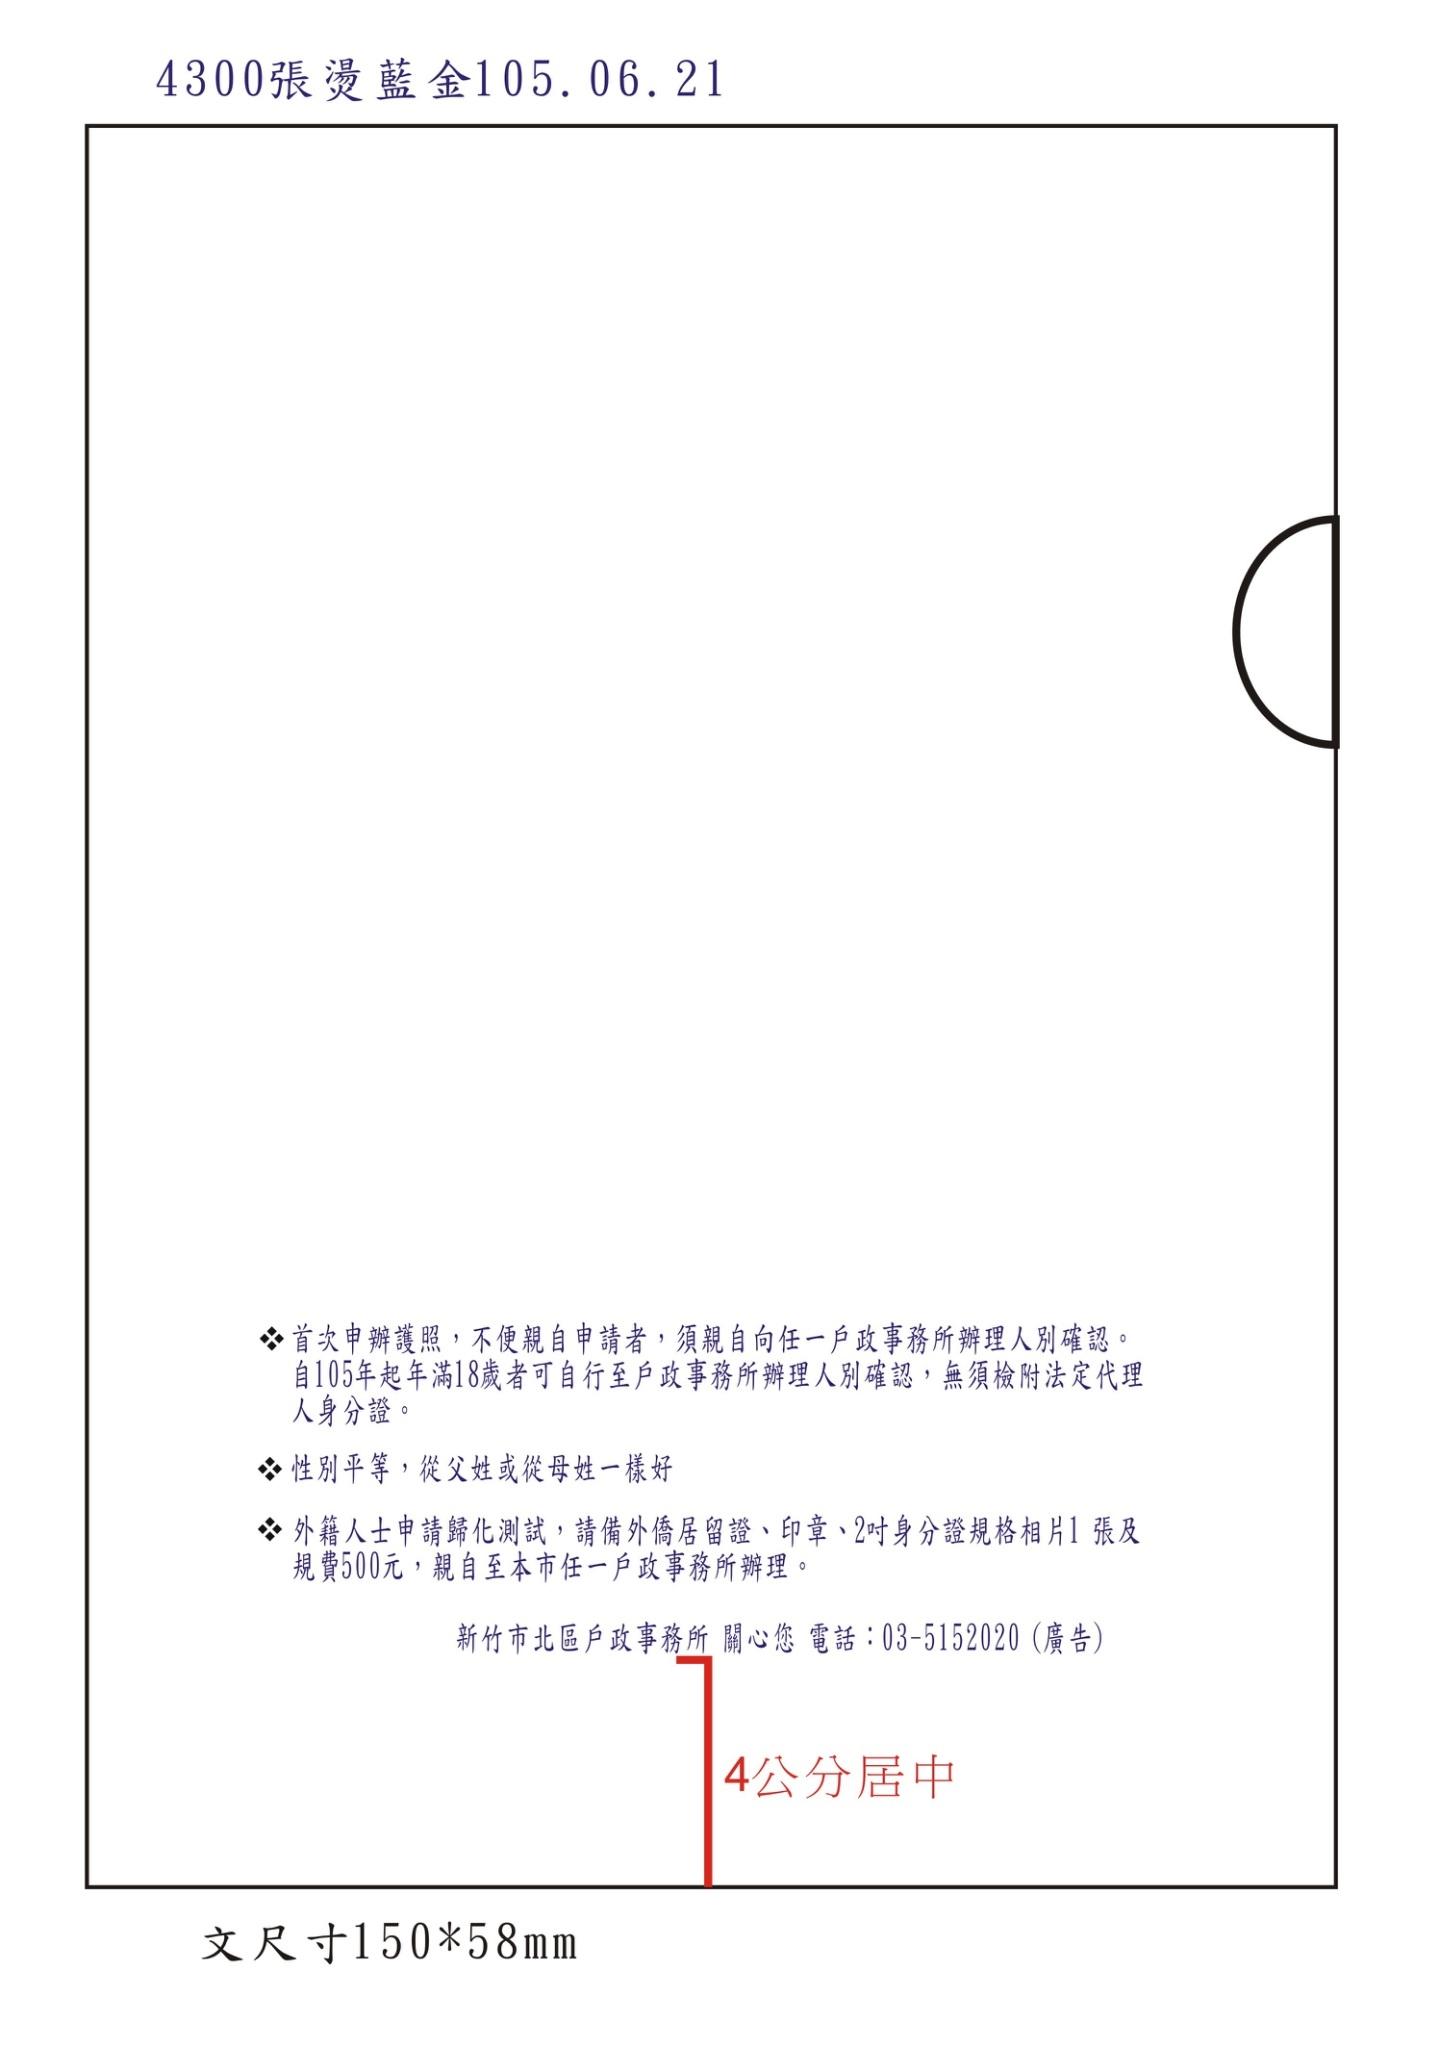 塑膠品 L .Q. U 型夾11孔內頁_170509_0004.jpg